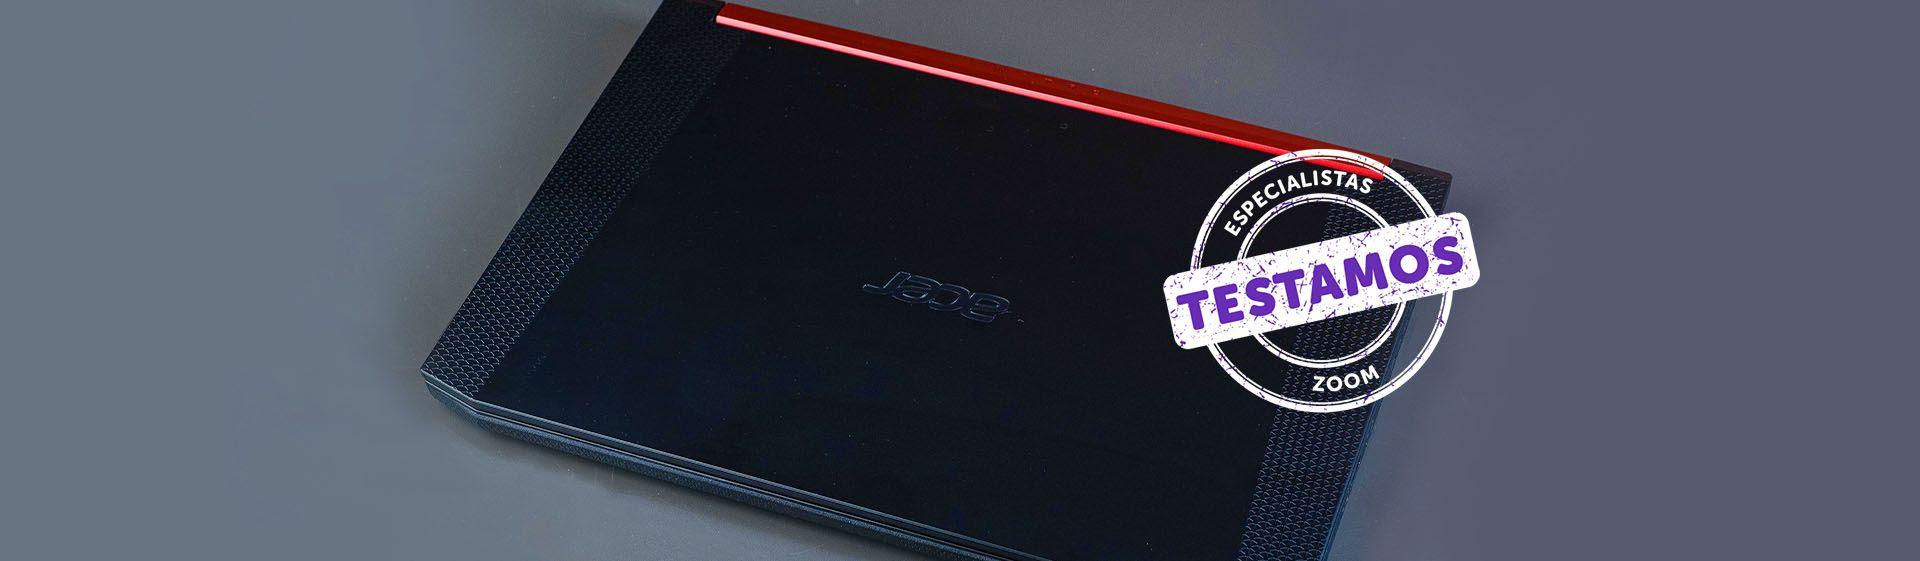 Acer Aspire Nitro 5: ótimo notebook gamer barato, mas olho na bateria!